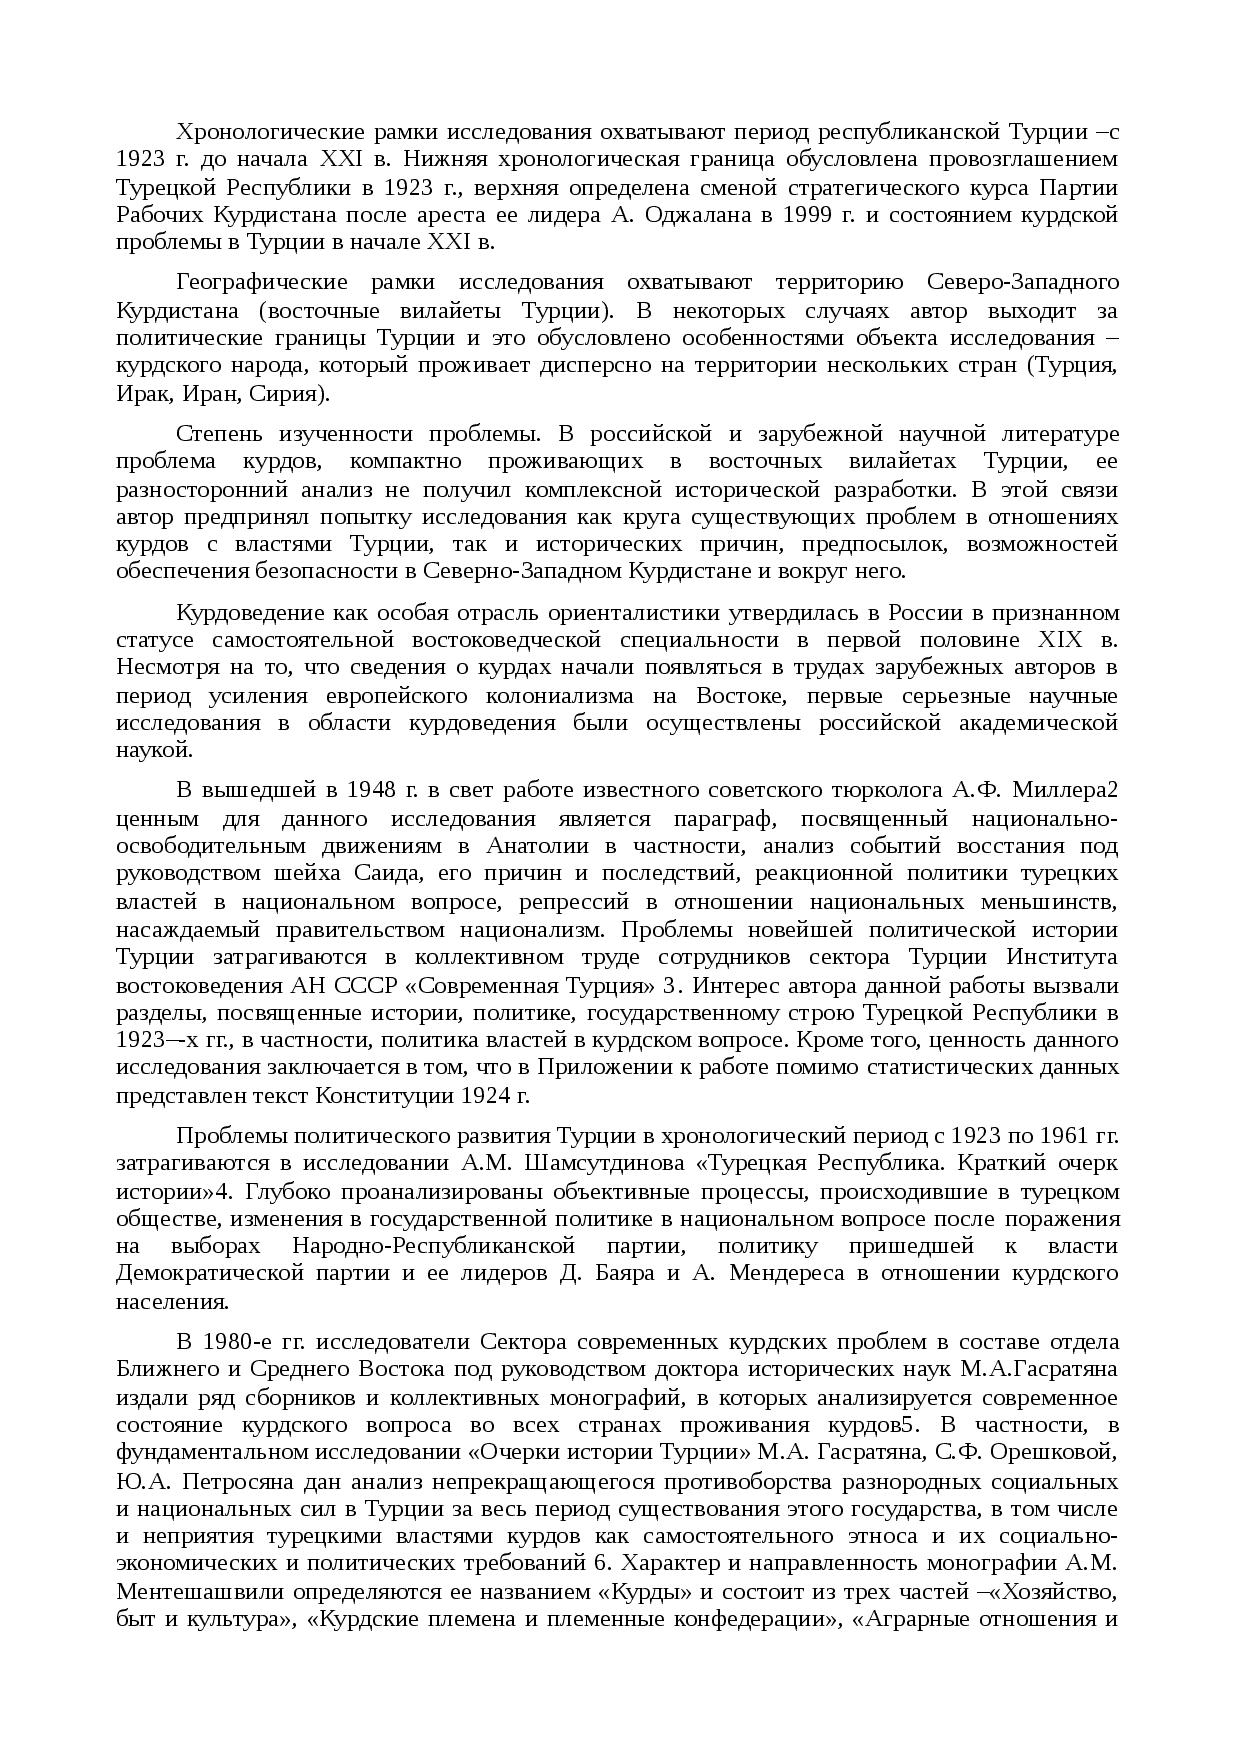 севрский договор заключенный 10 августа 1920 г